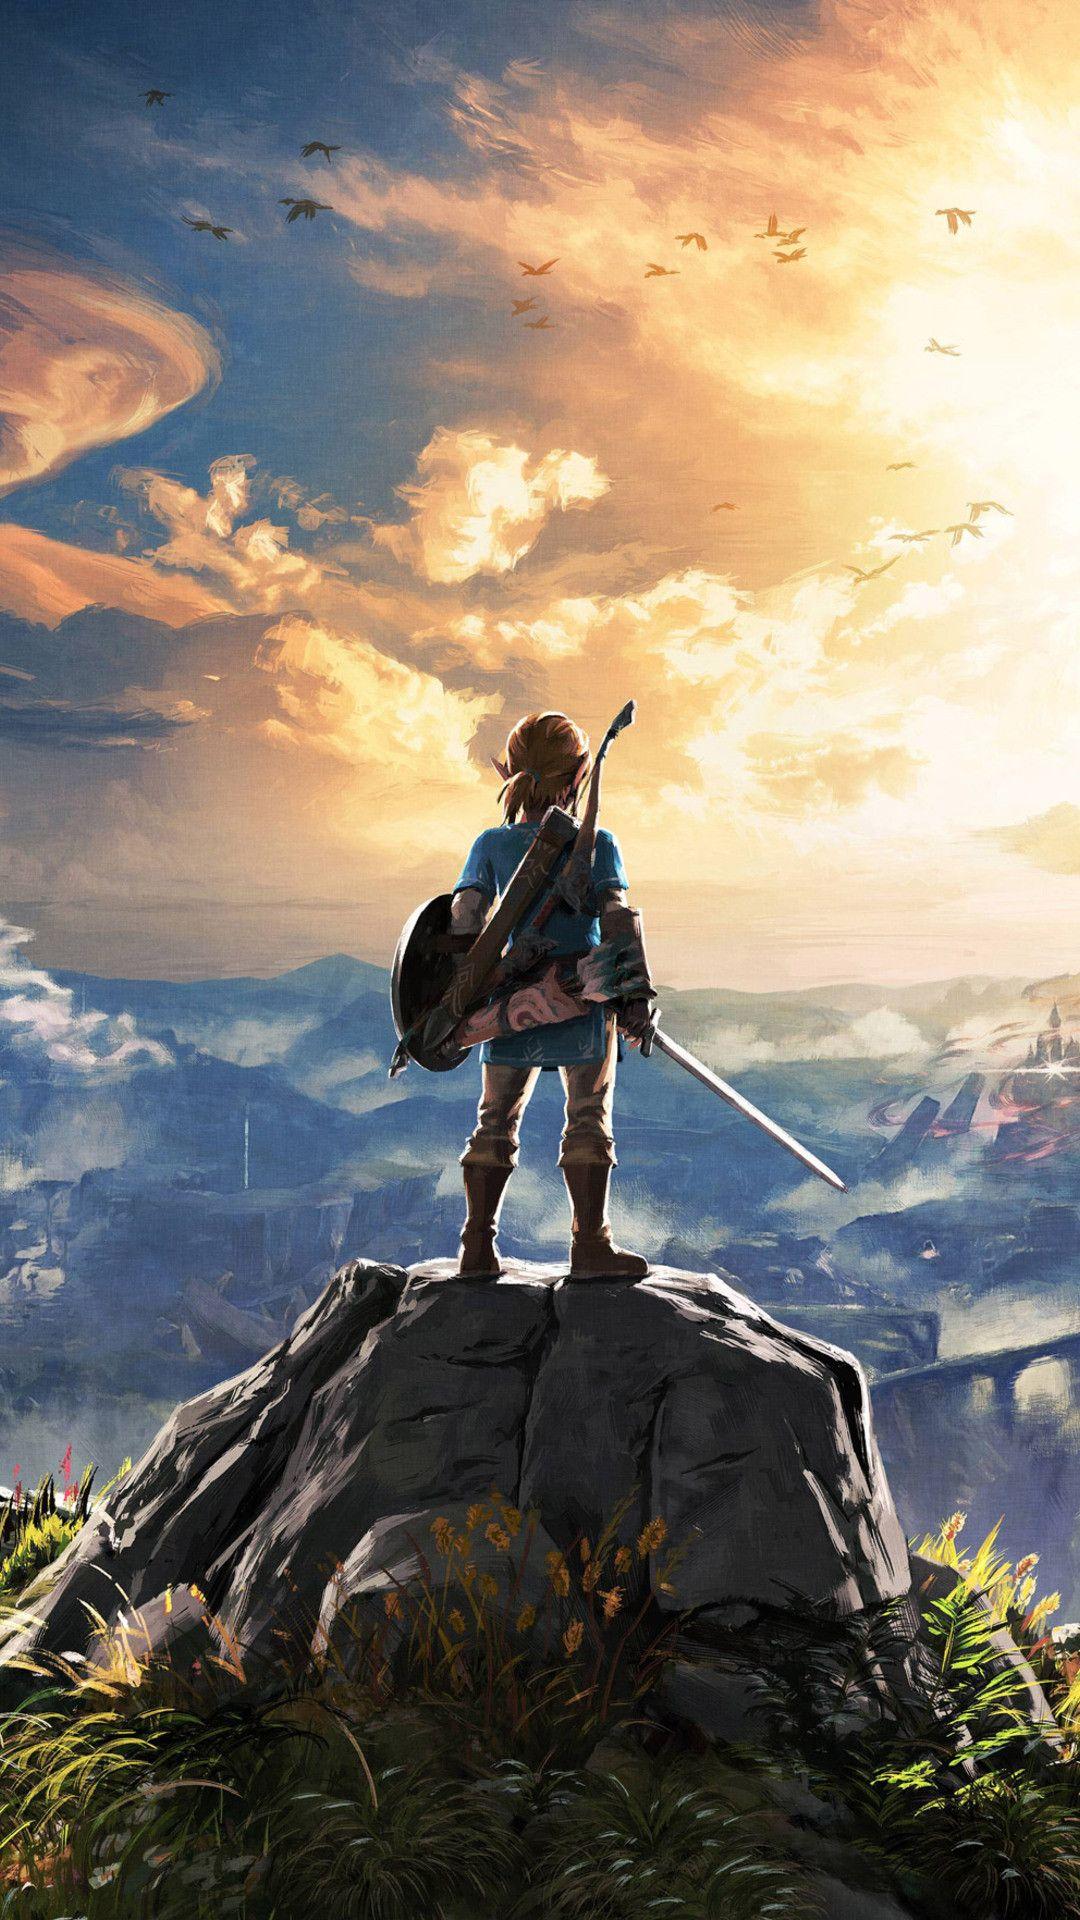 Legend Of Zelda Wallpaper Android Download Games Wallpapers